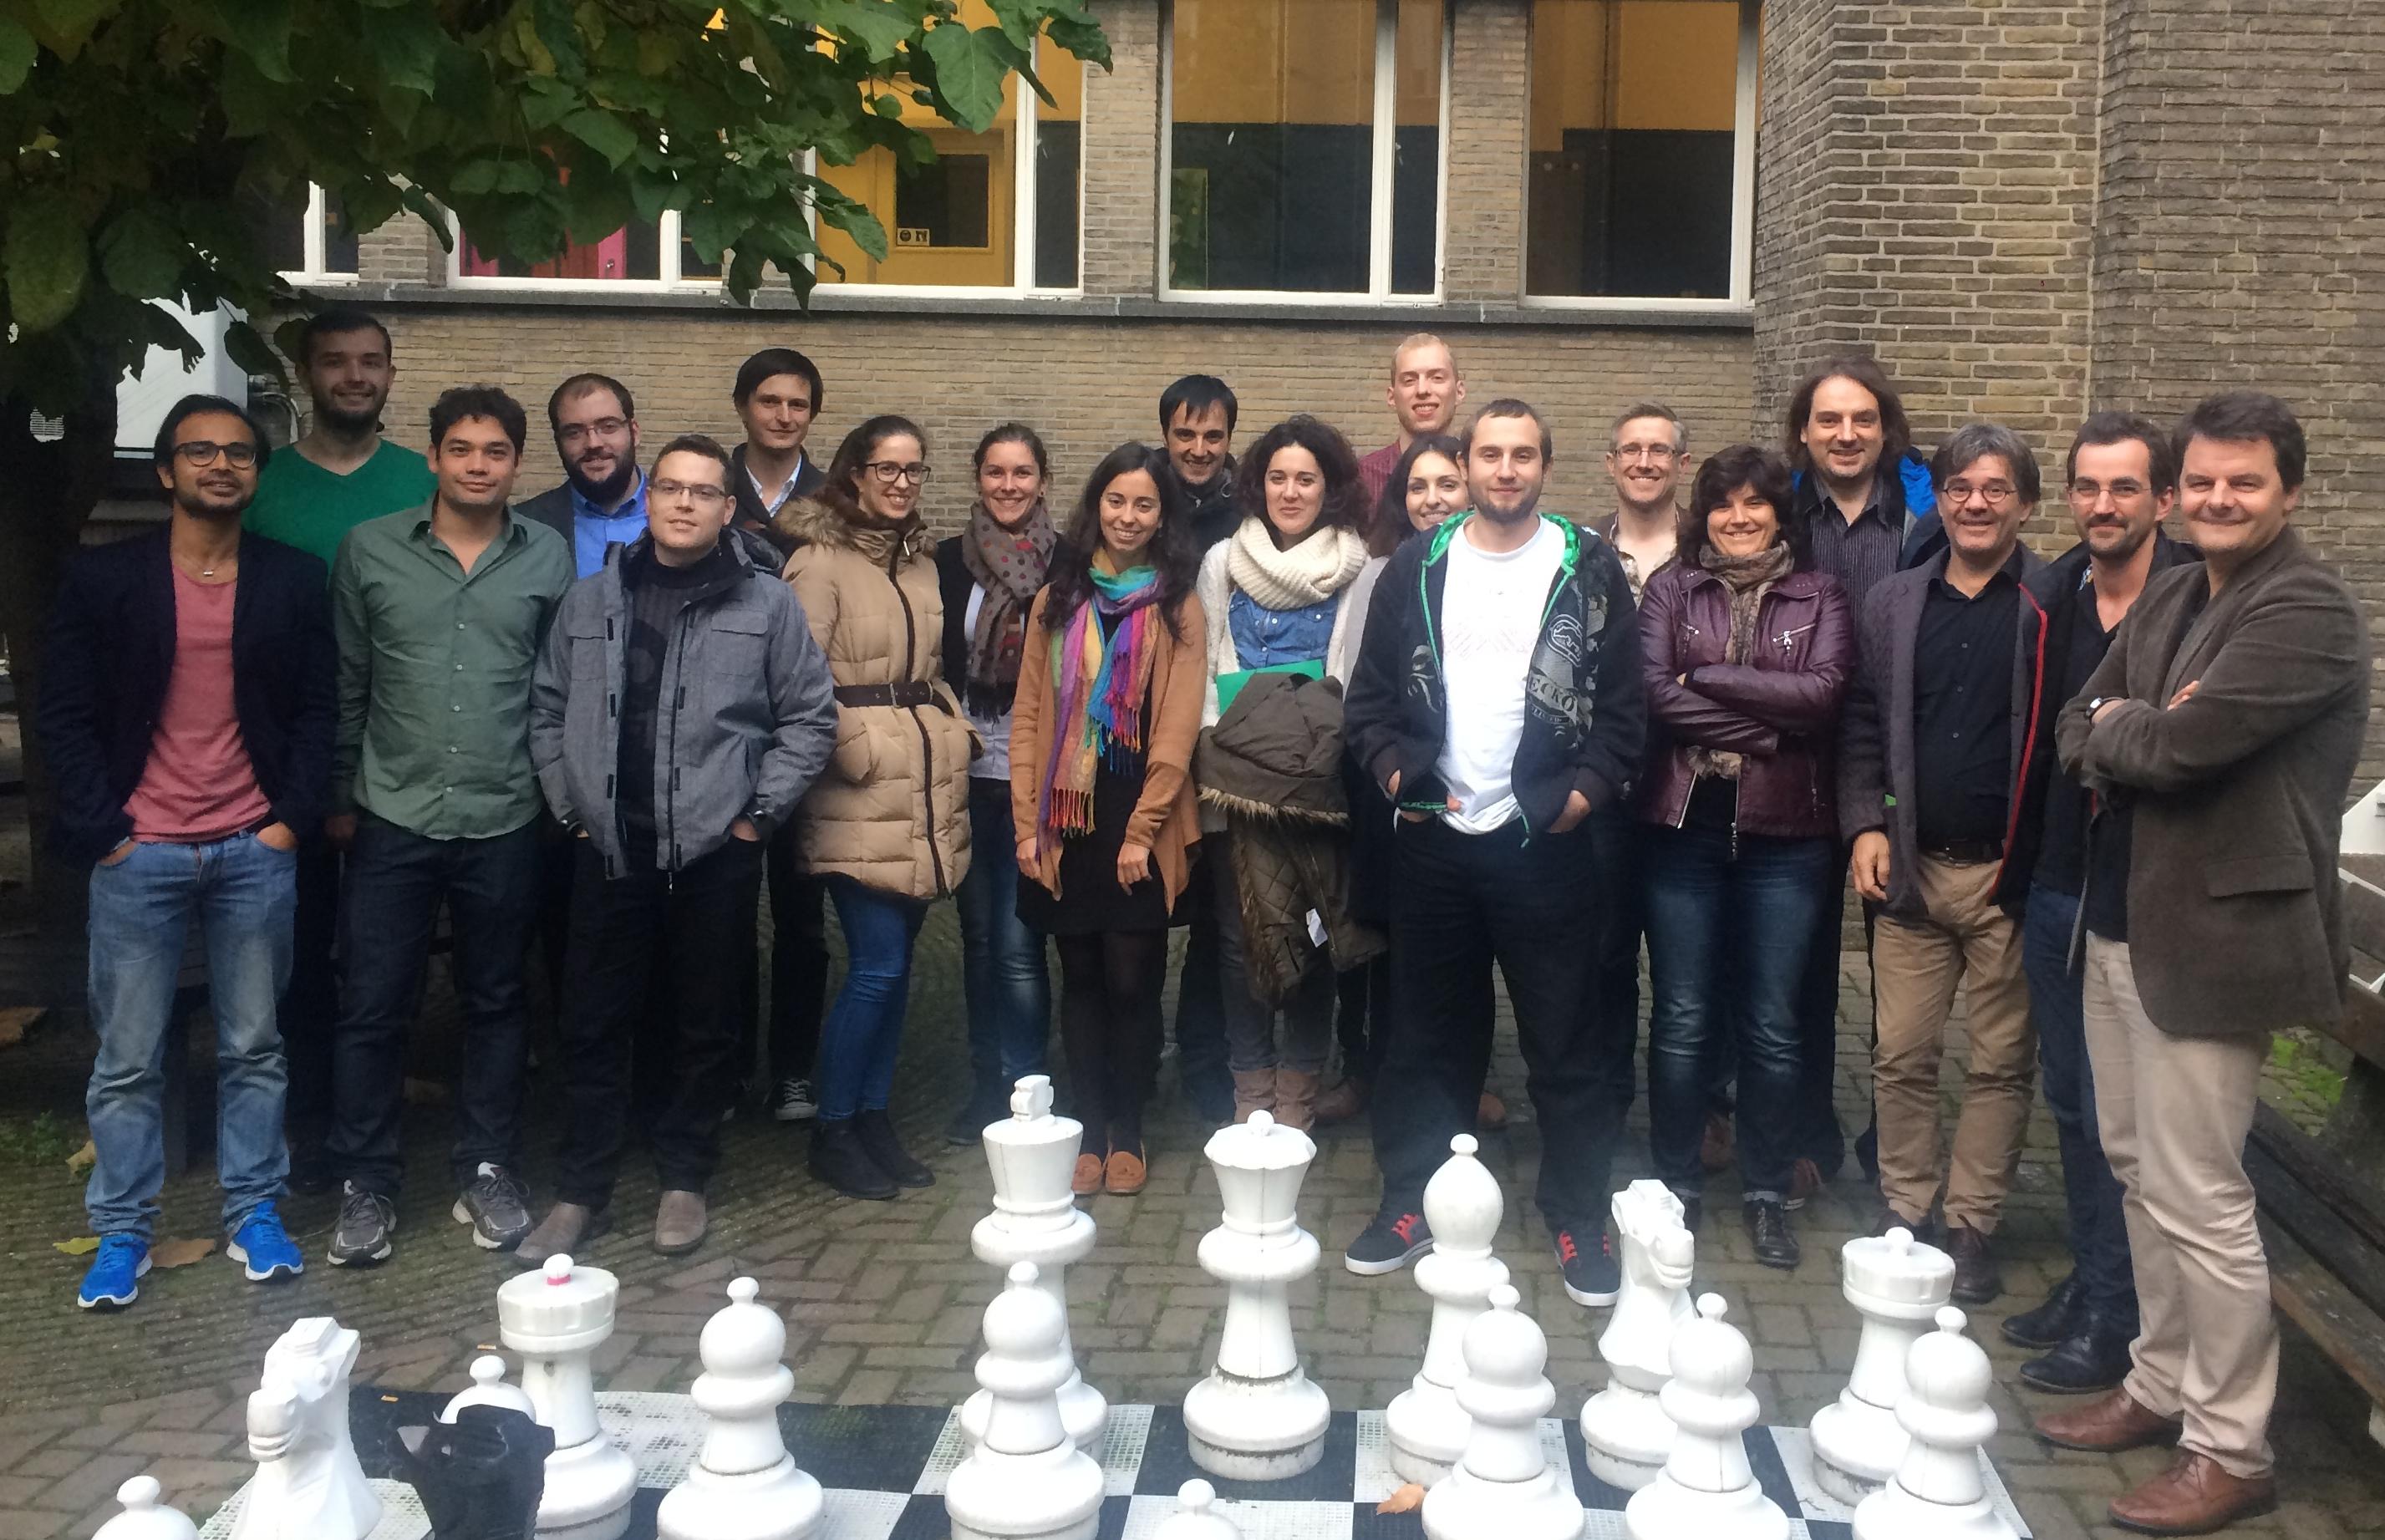 Delft image1